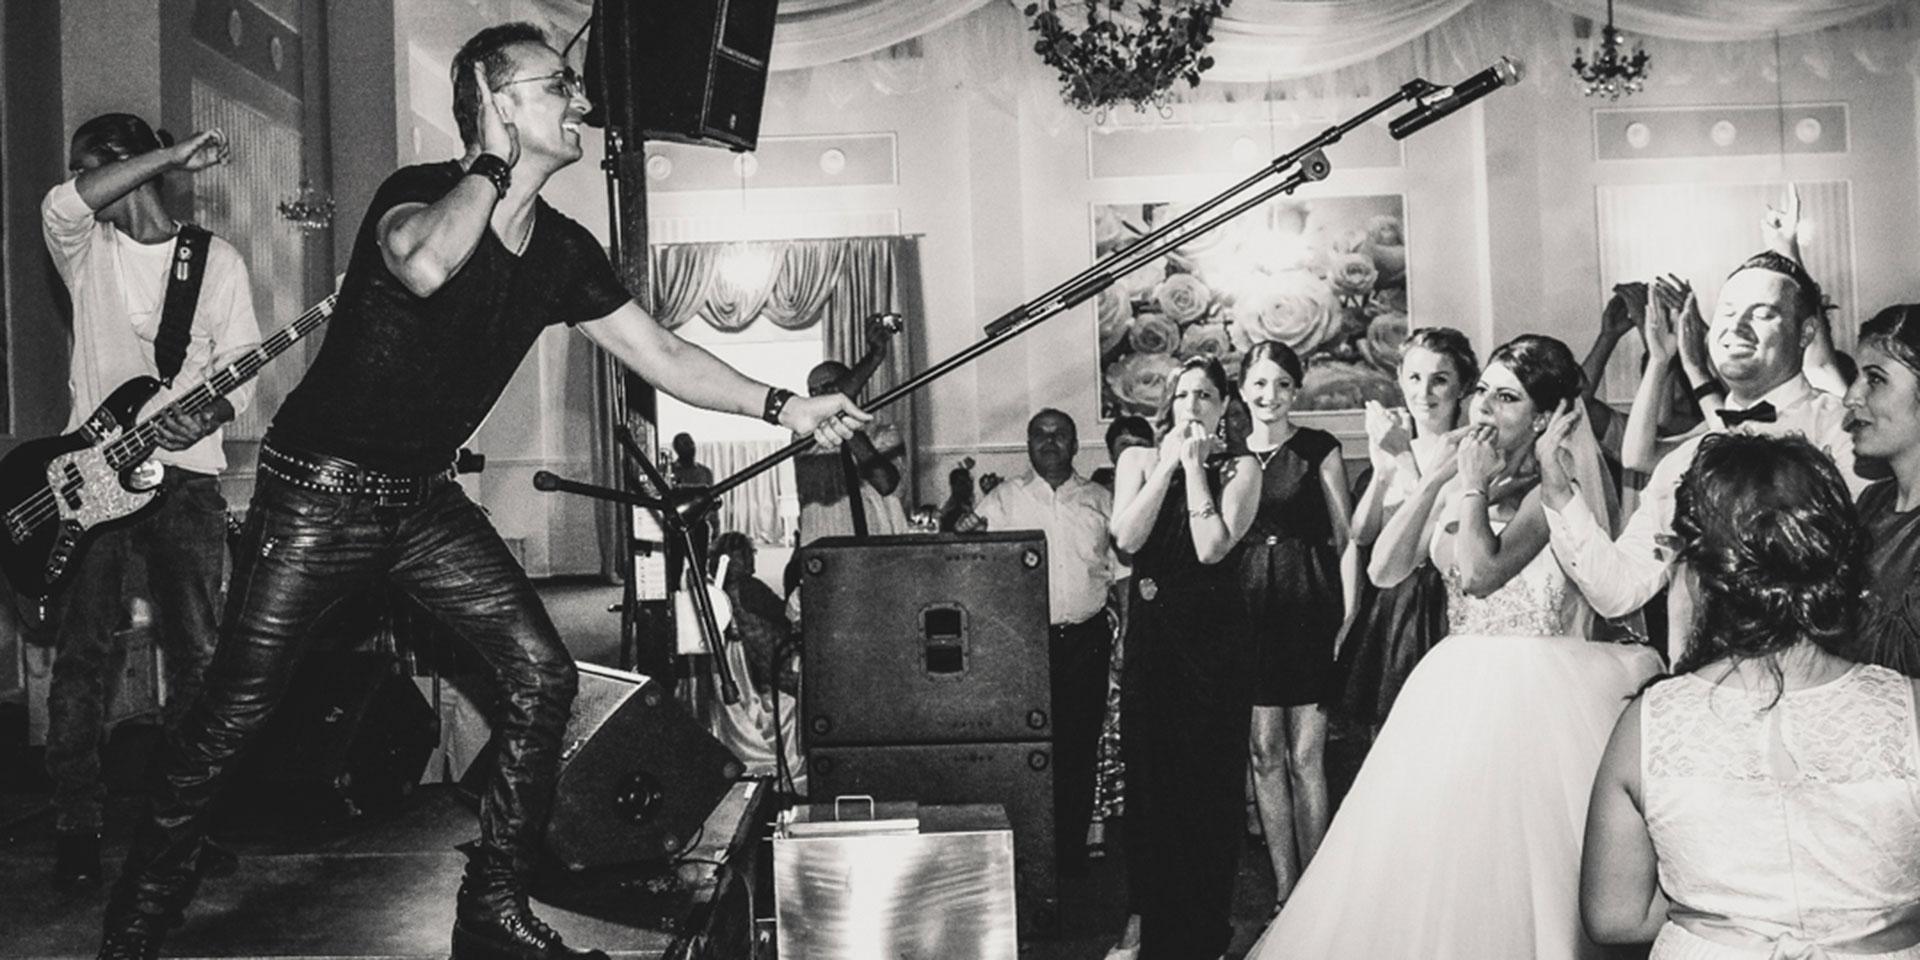 foto-nunta-show-directia-5